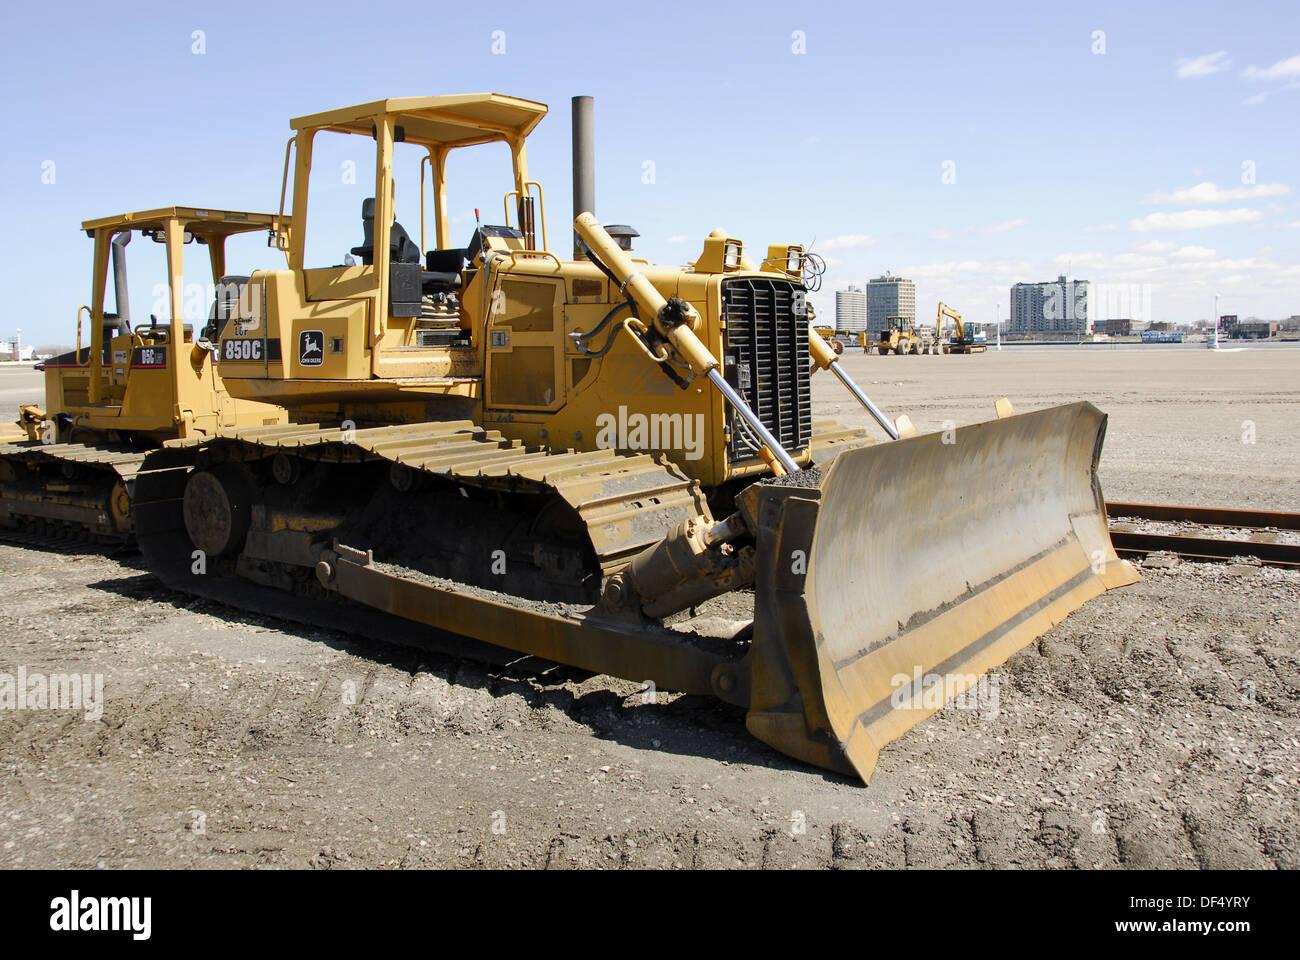 Heavy Duty Construction : Bull dozer heavy duty construction equipment use for